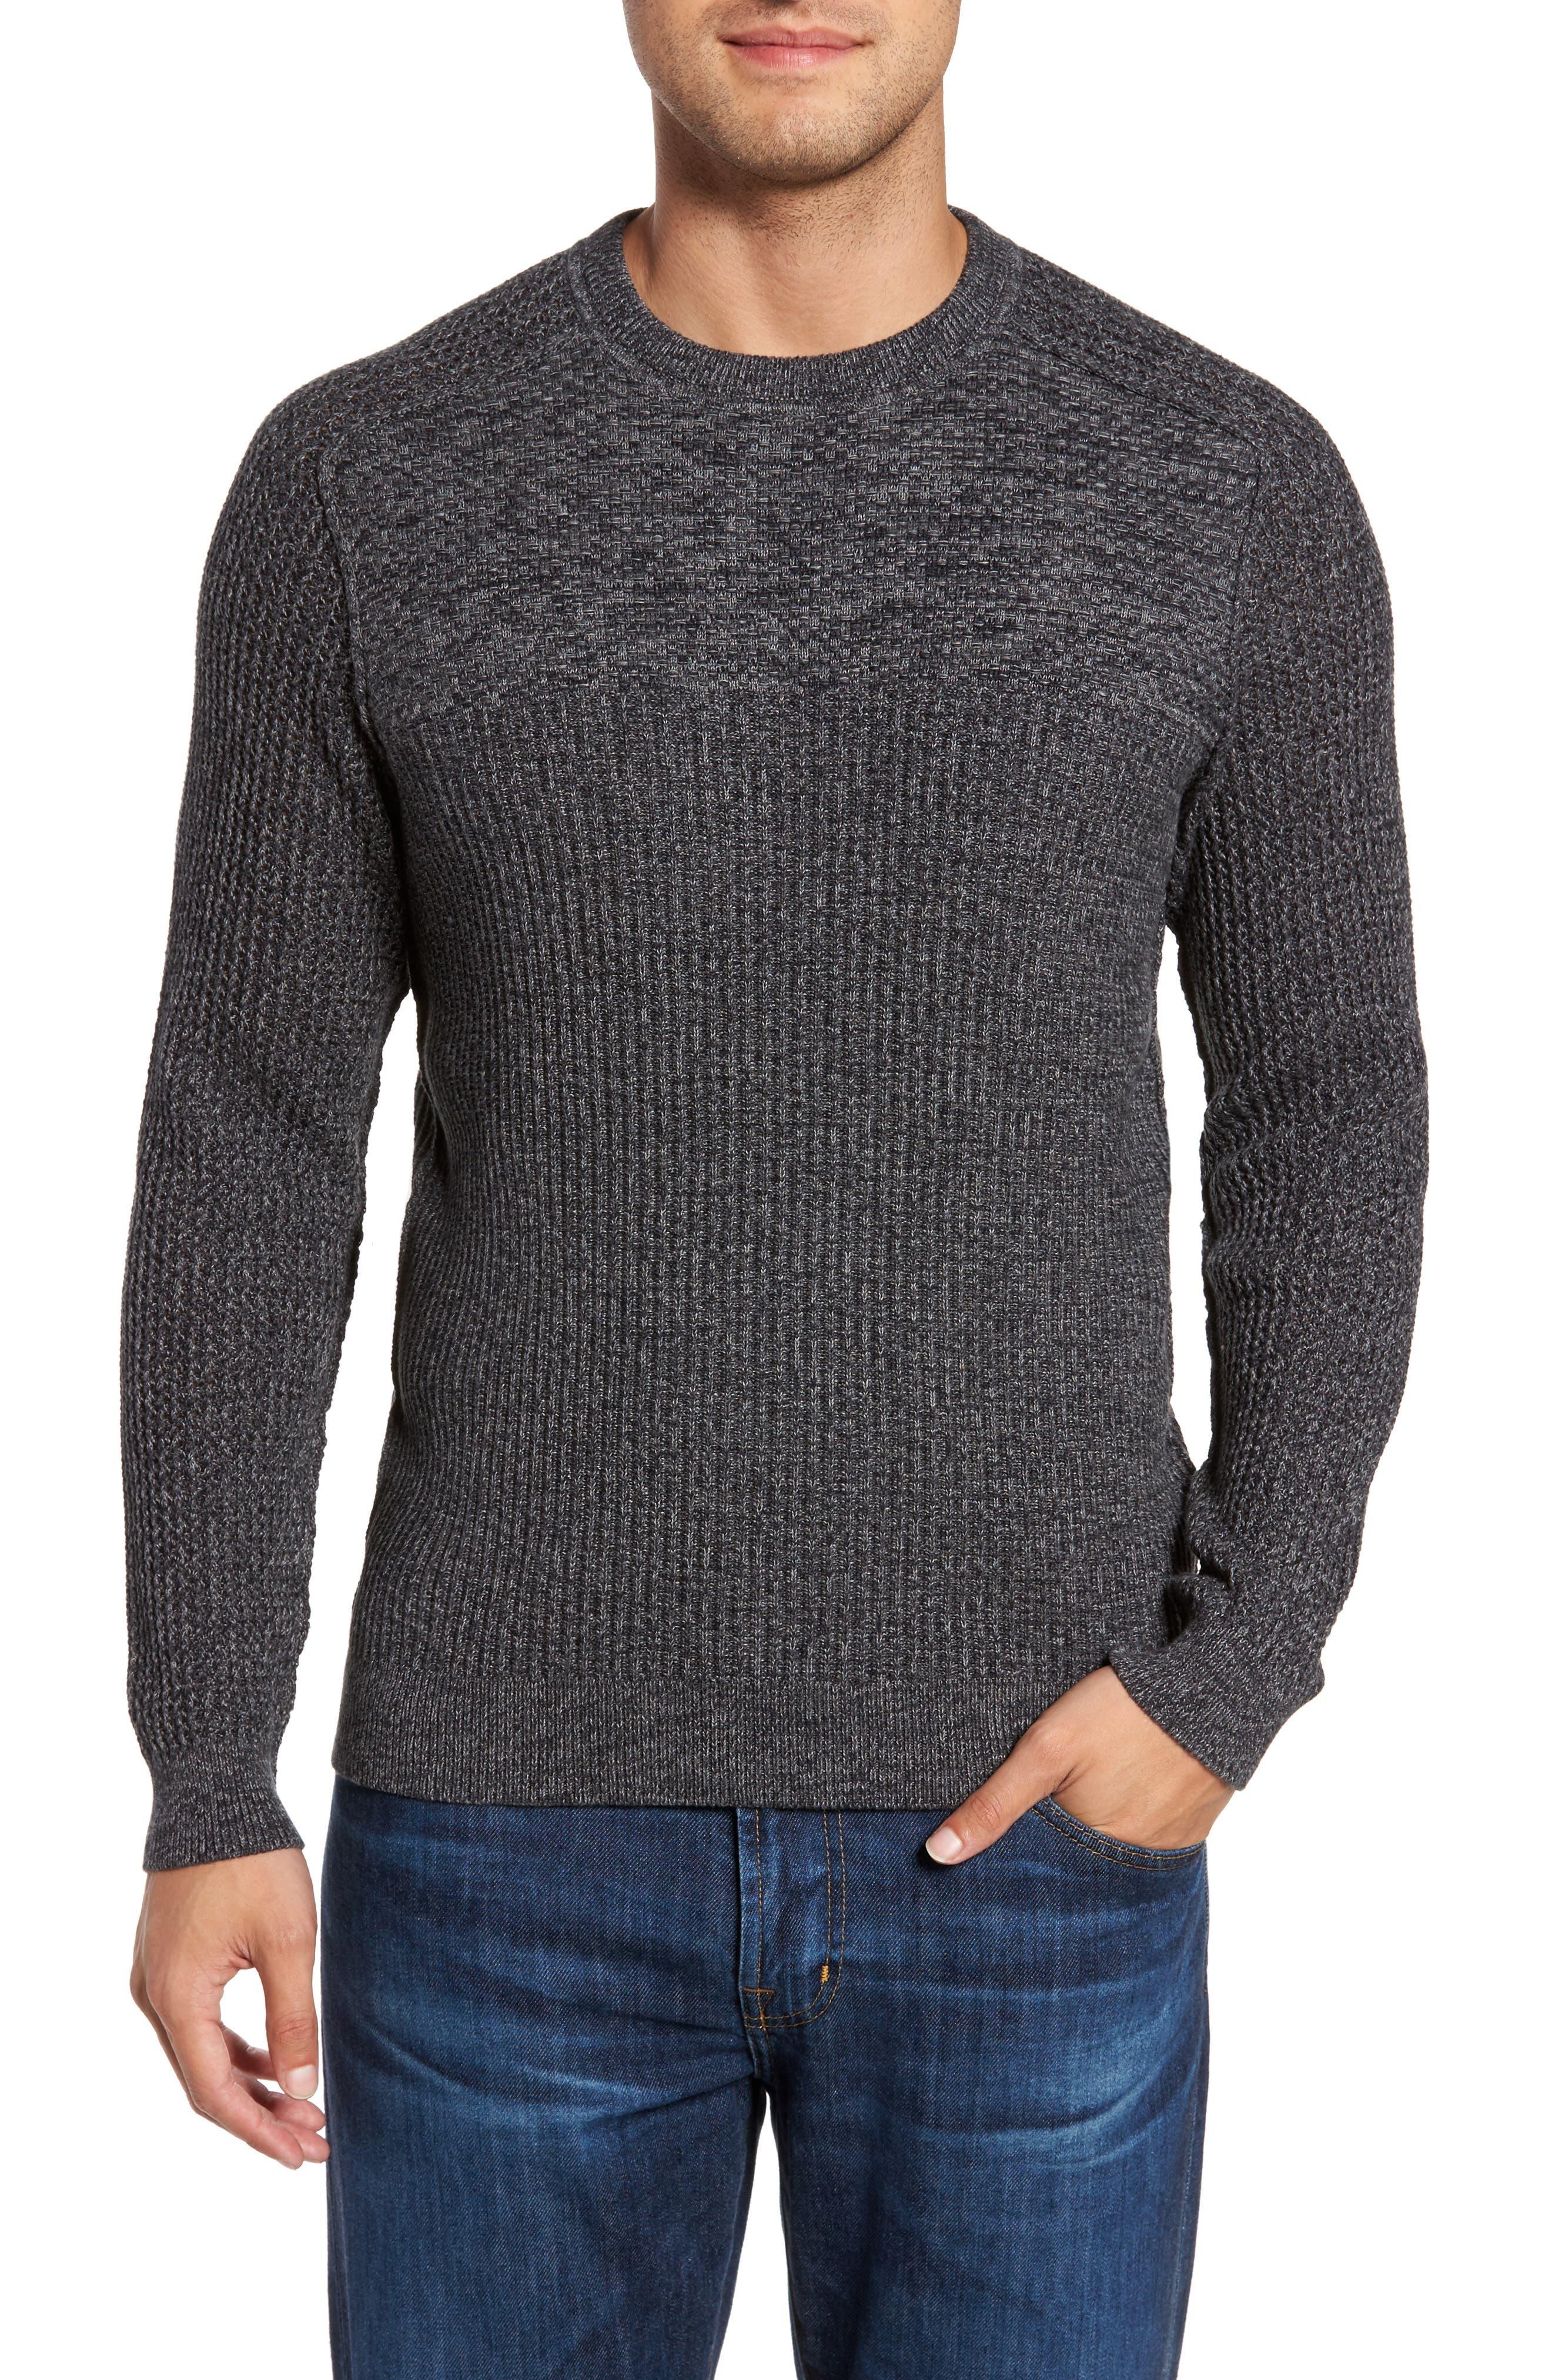 Main Image - Tommy Bahama Medina Marl Cotton Sweater